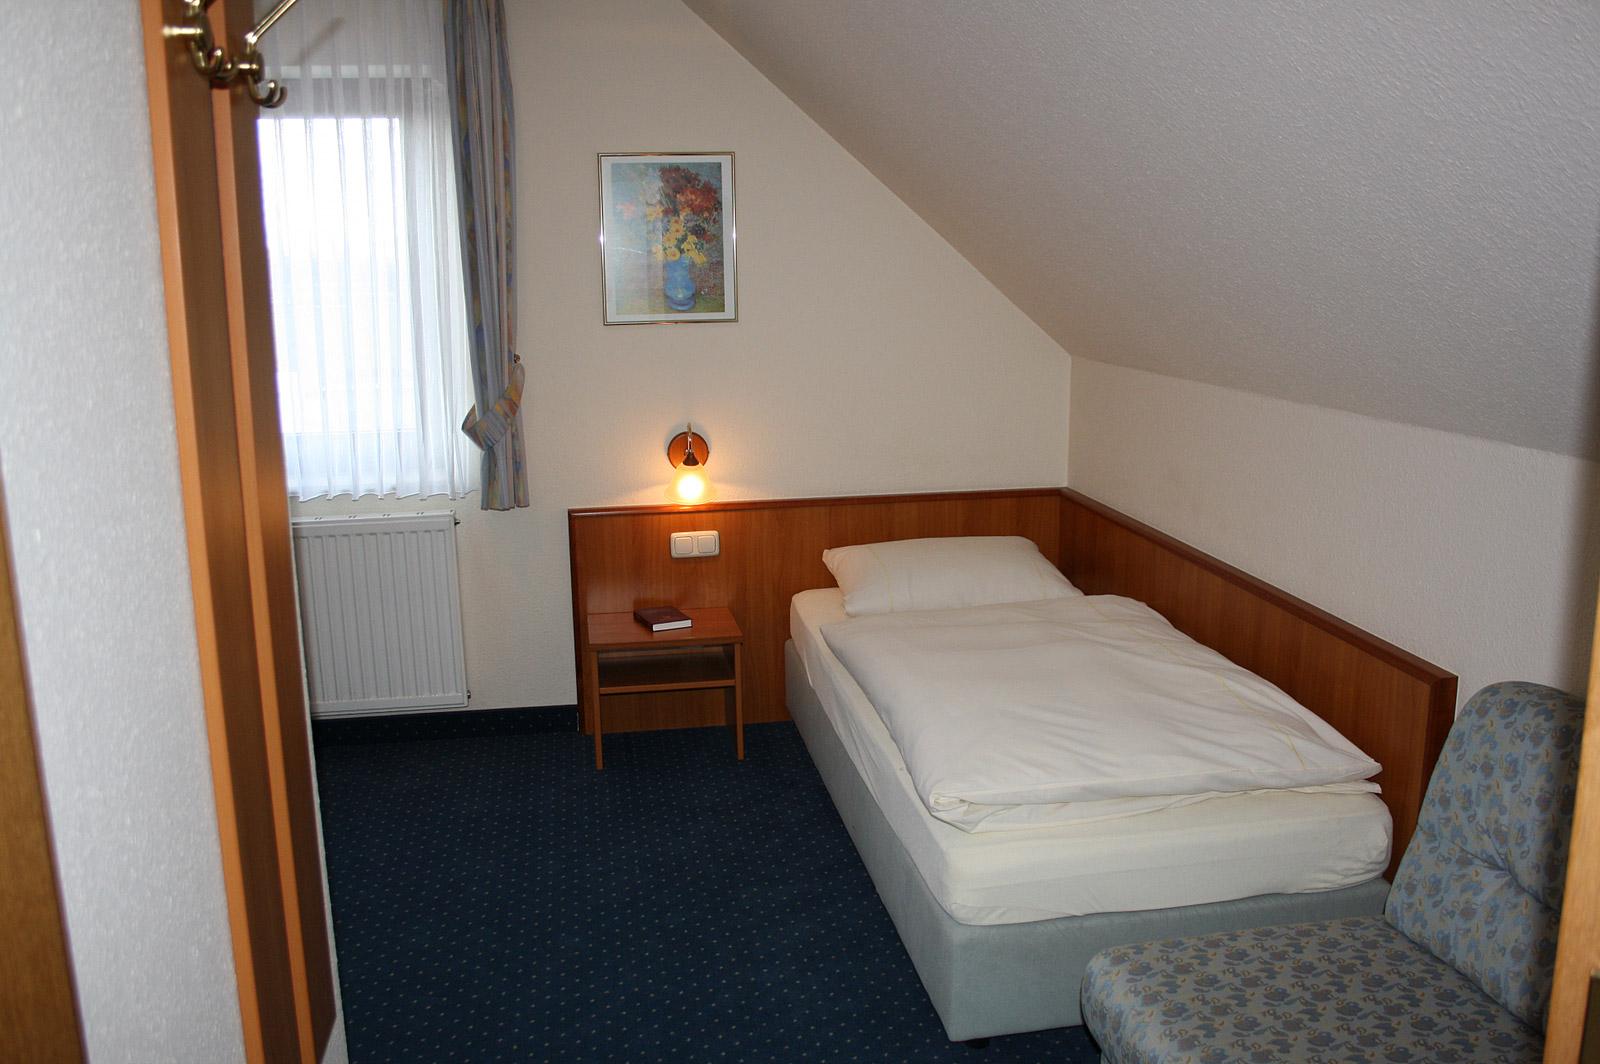 Hotel-zur-Waage-Zimmer-04